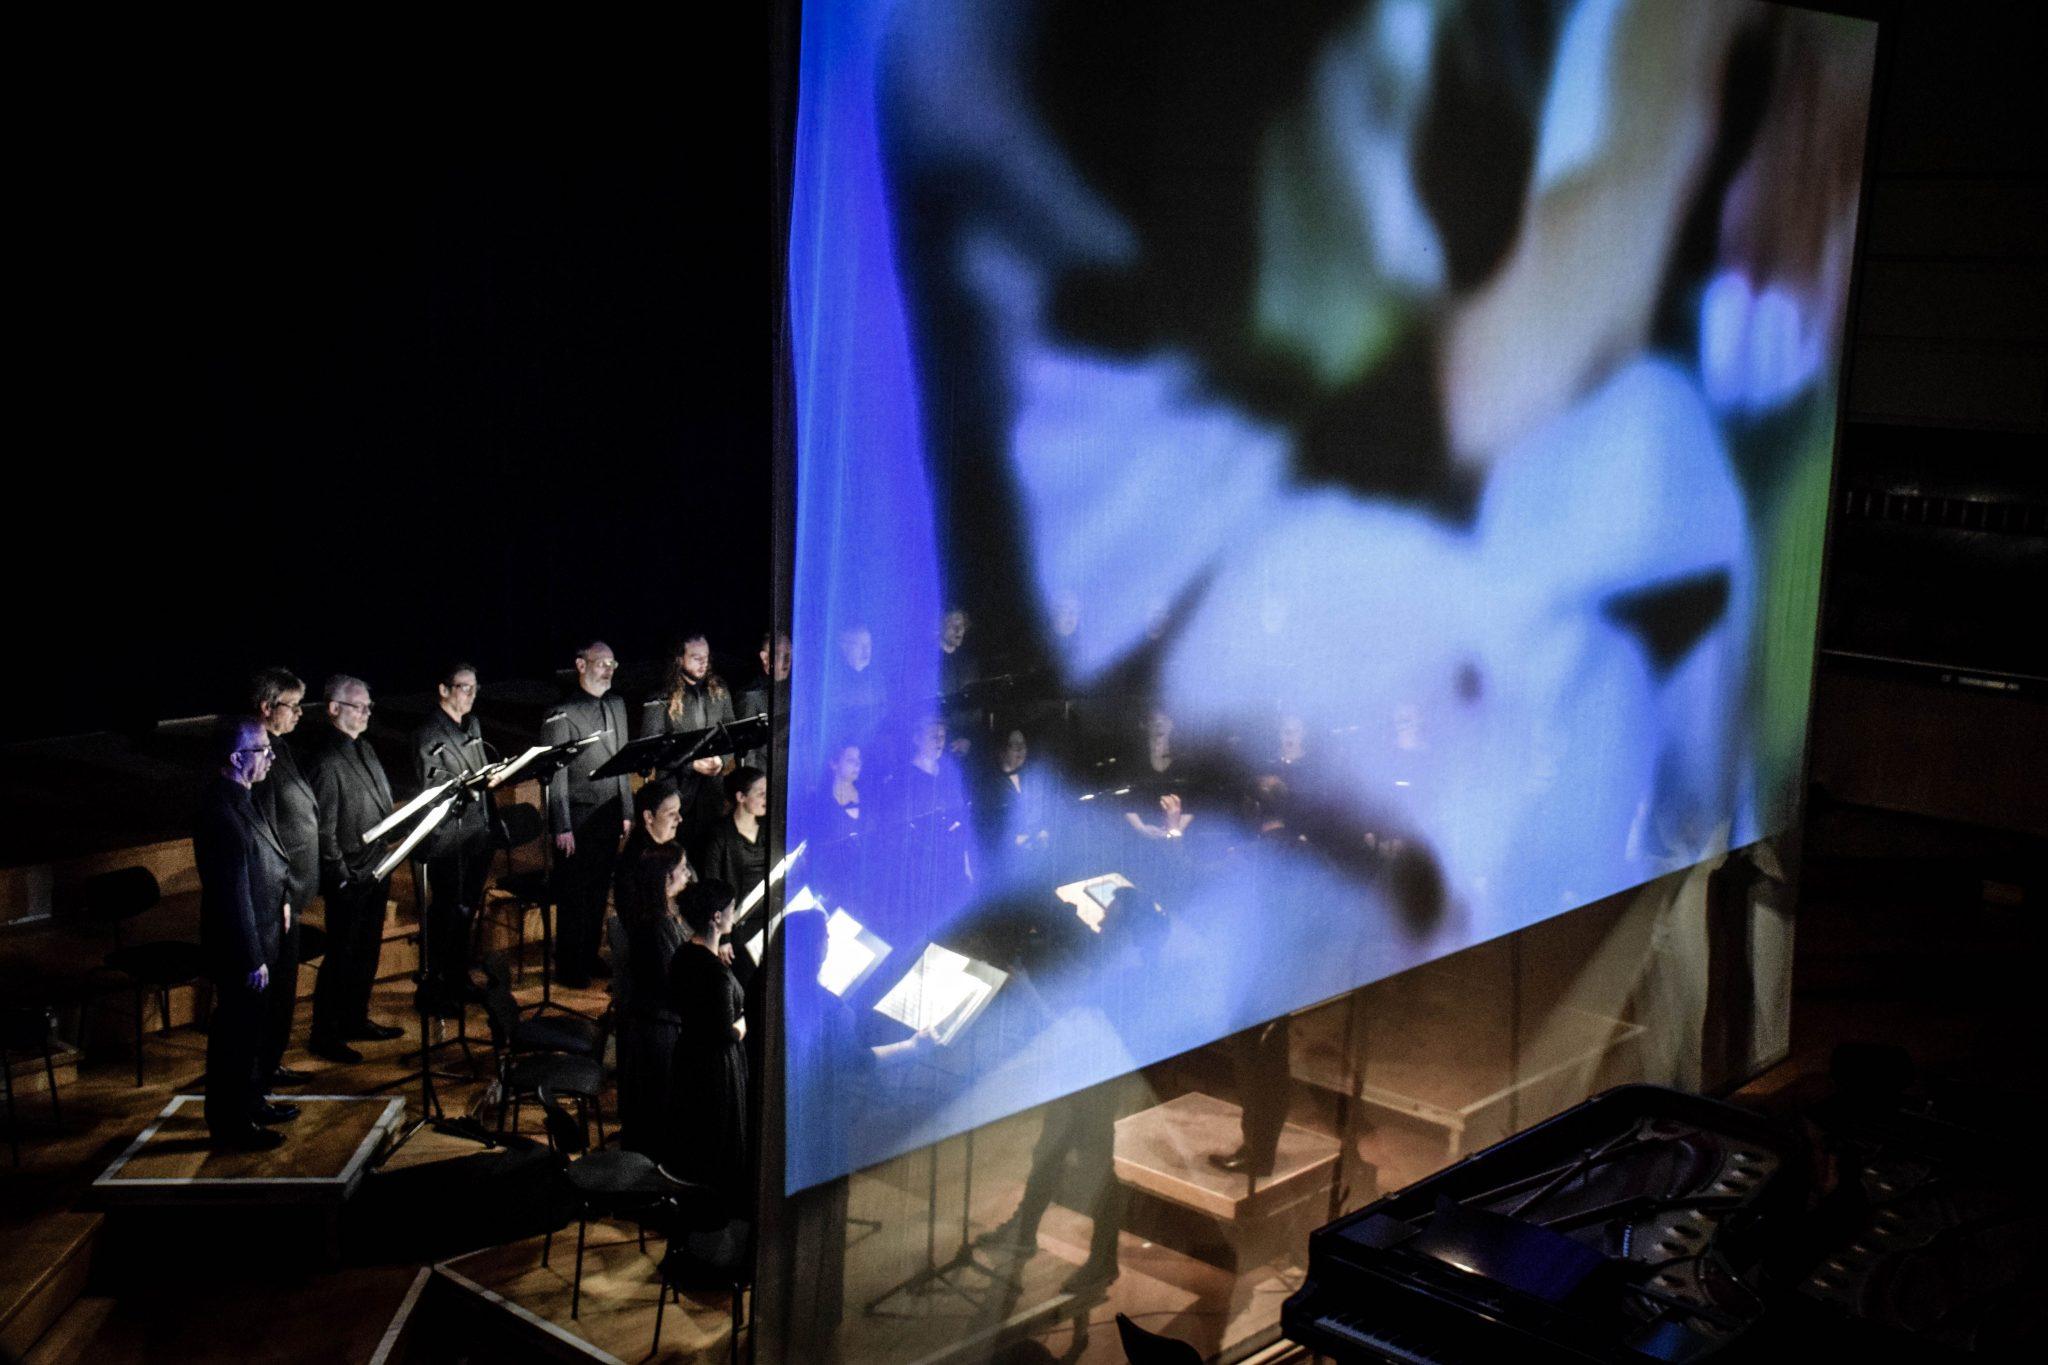 Concert Vlaams Radiokoor o.l.v. Bart Van Reyn